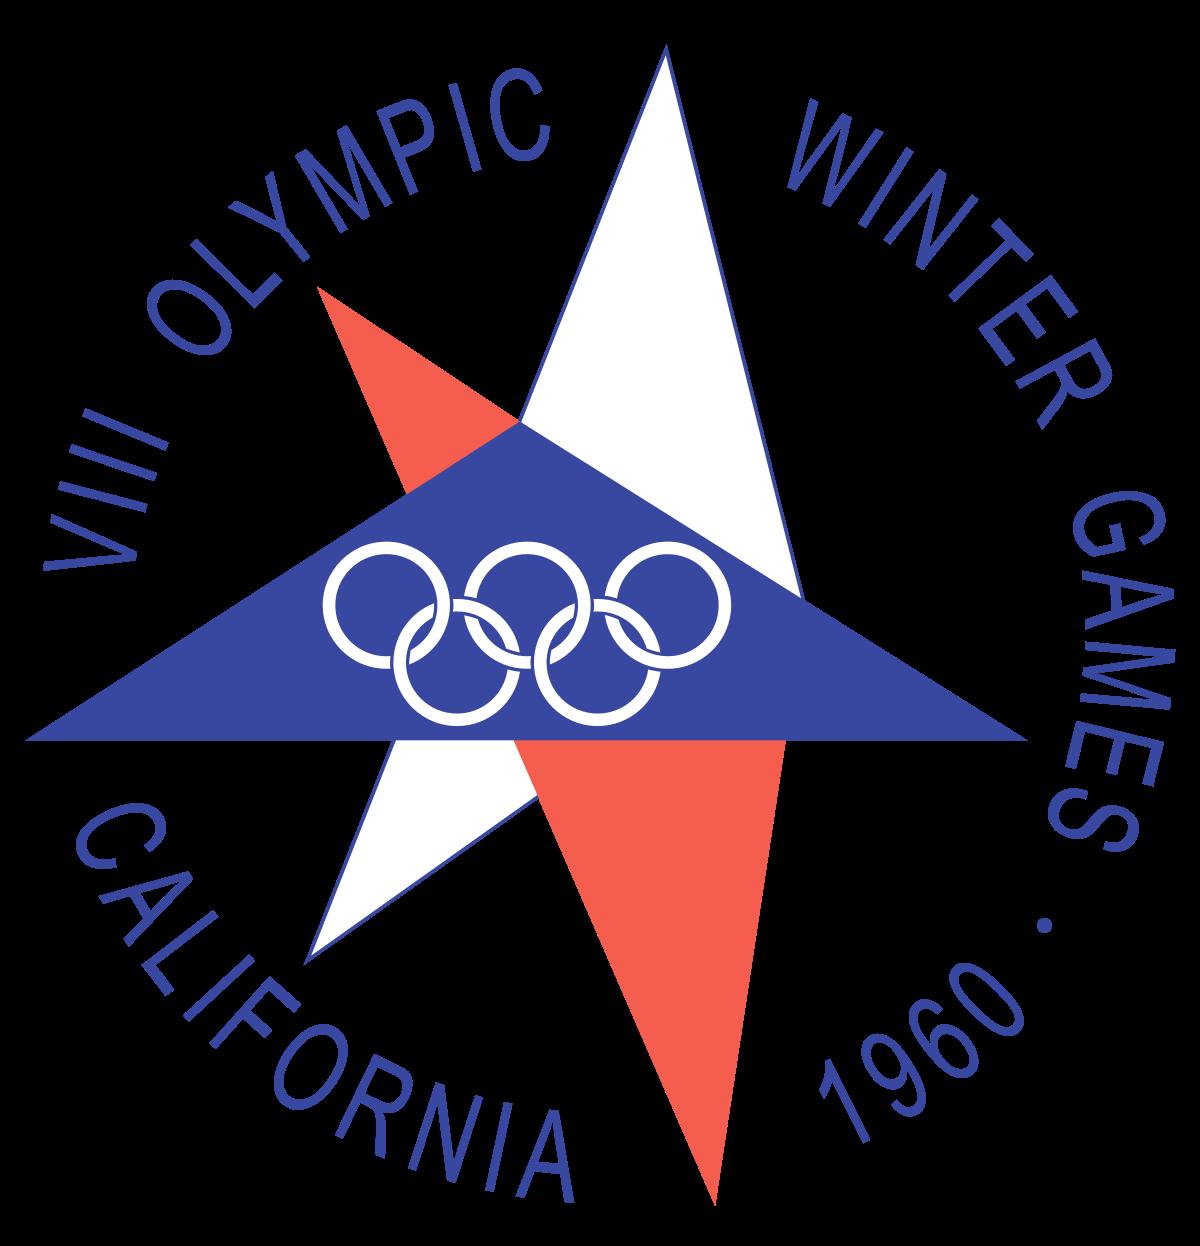 18 февраля 1960 года открылись VIII зимние Олимпийские игры в Скво-Вэлли (США)